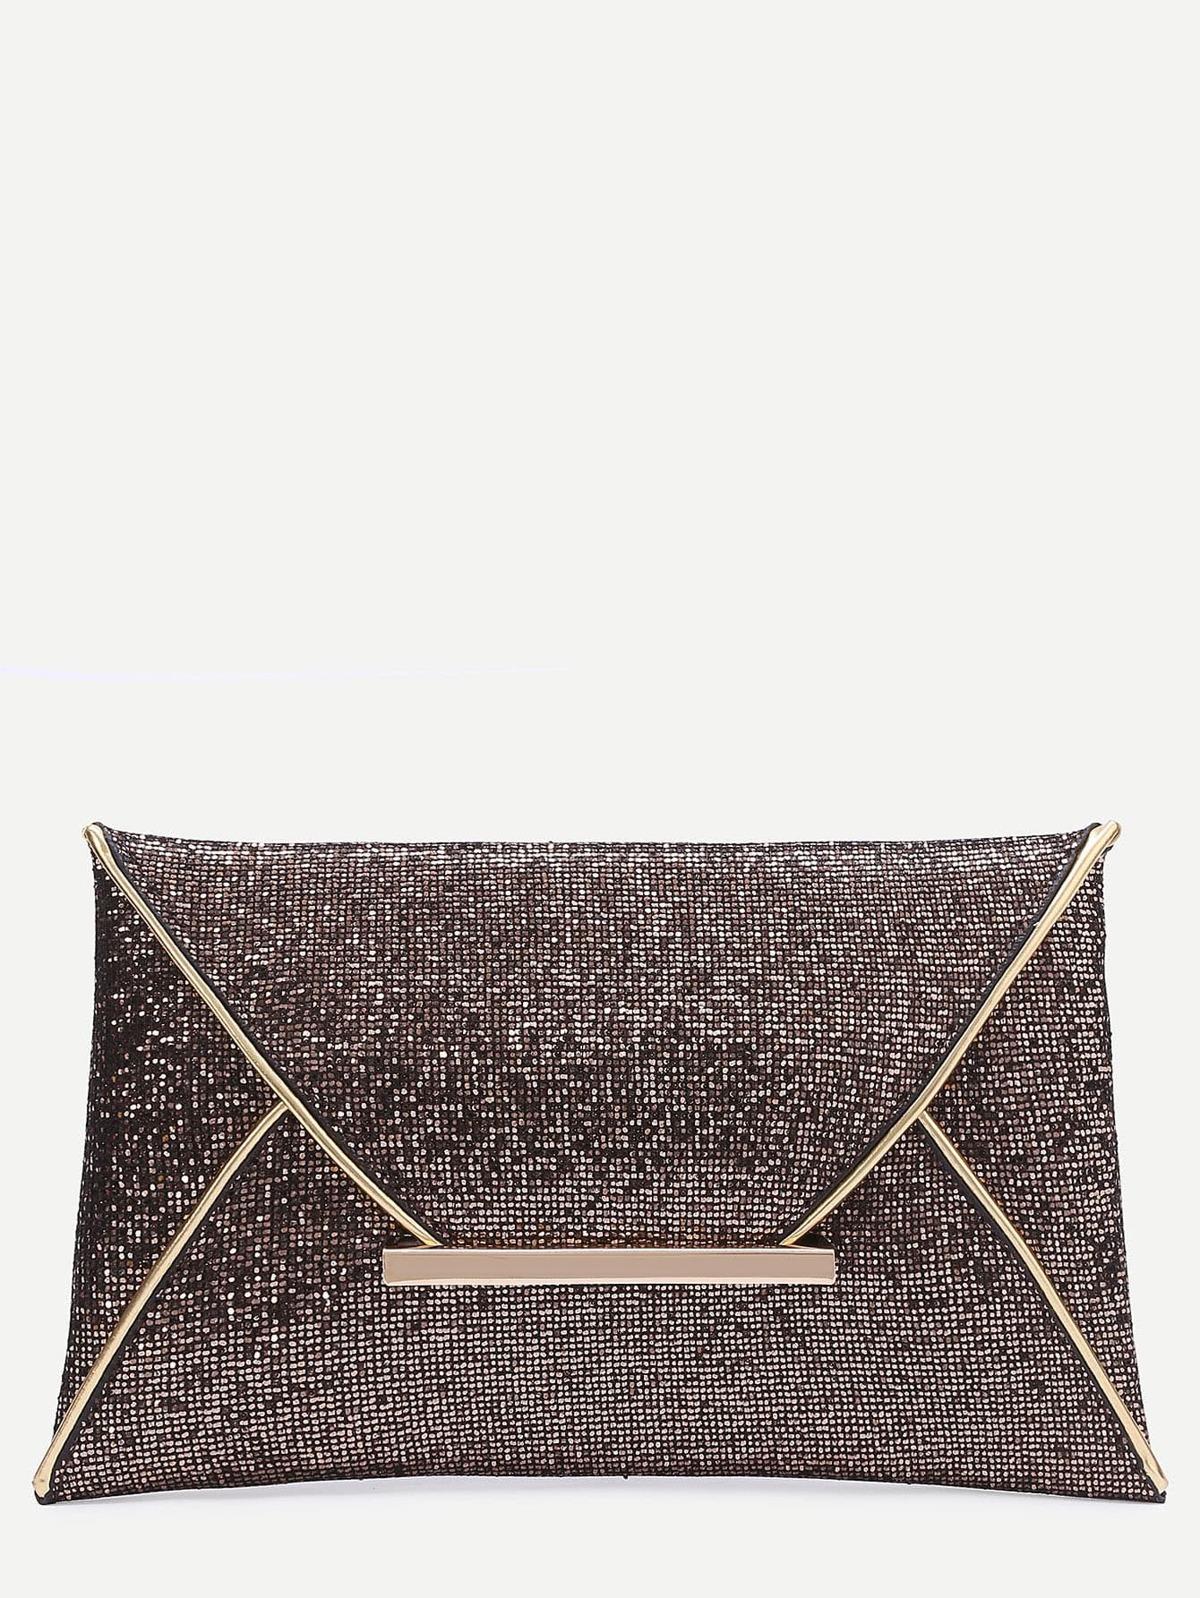 香檳色 閃爍裝飾色  設計 信封 手拿包 手提包